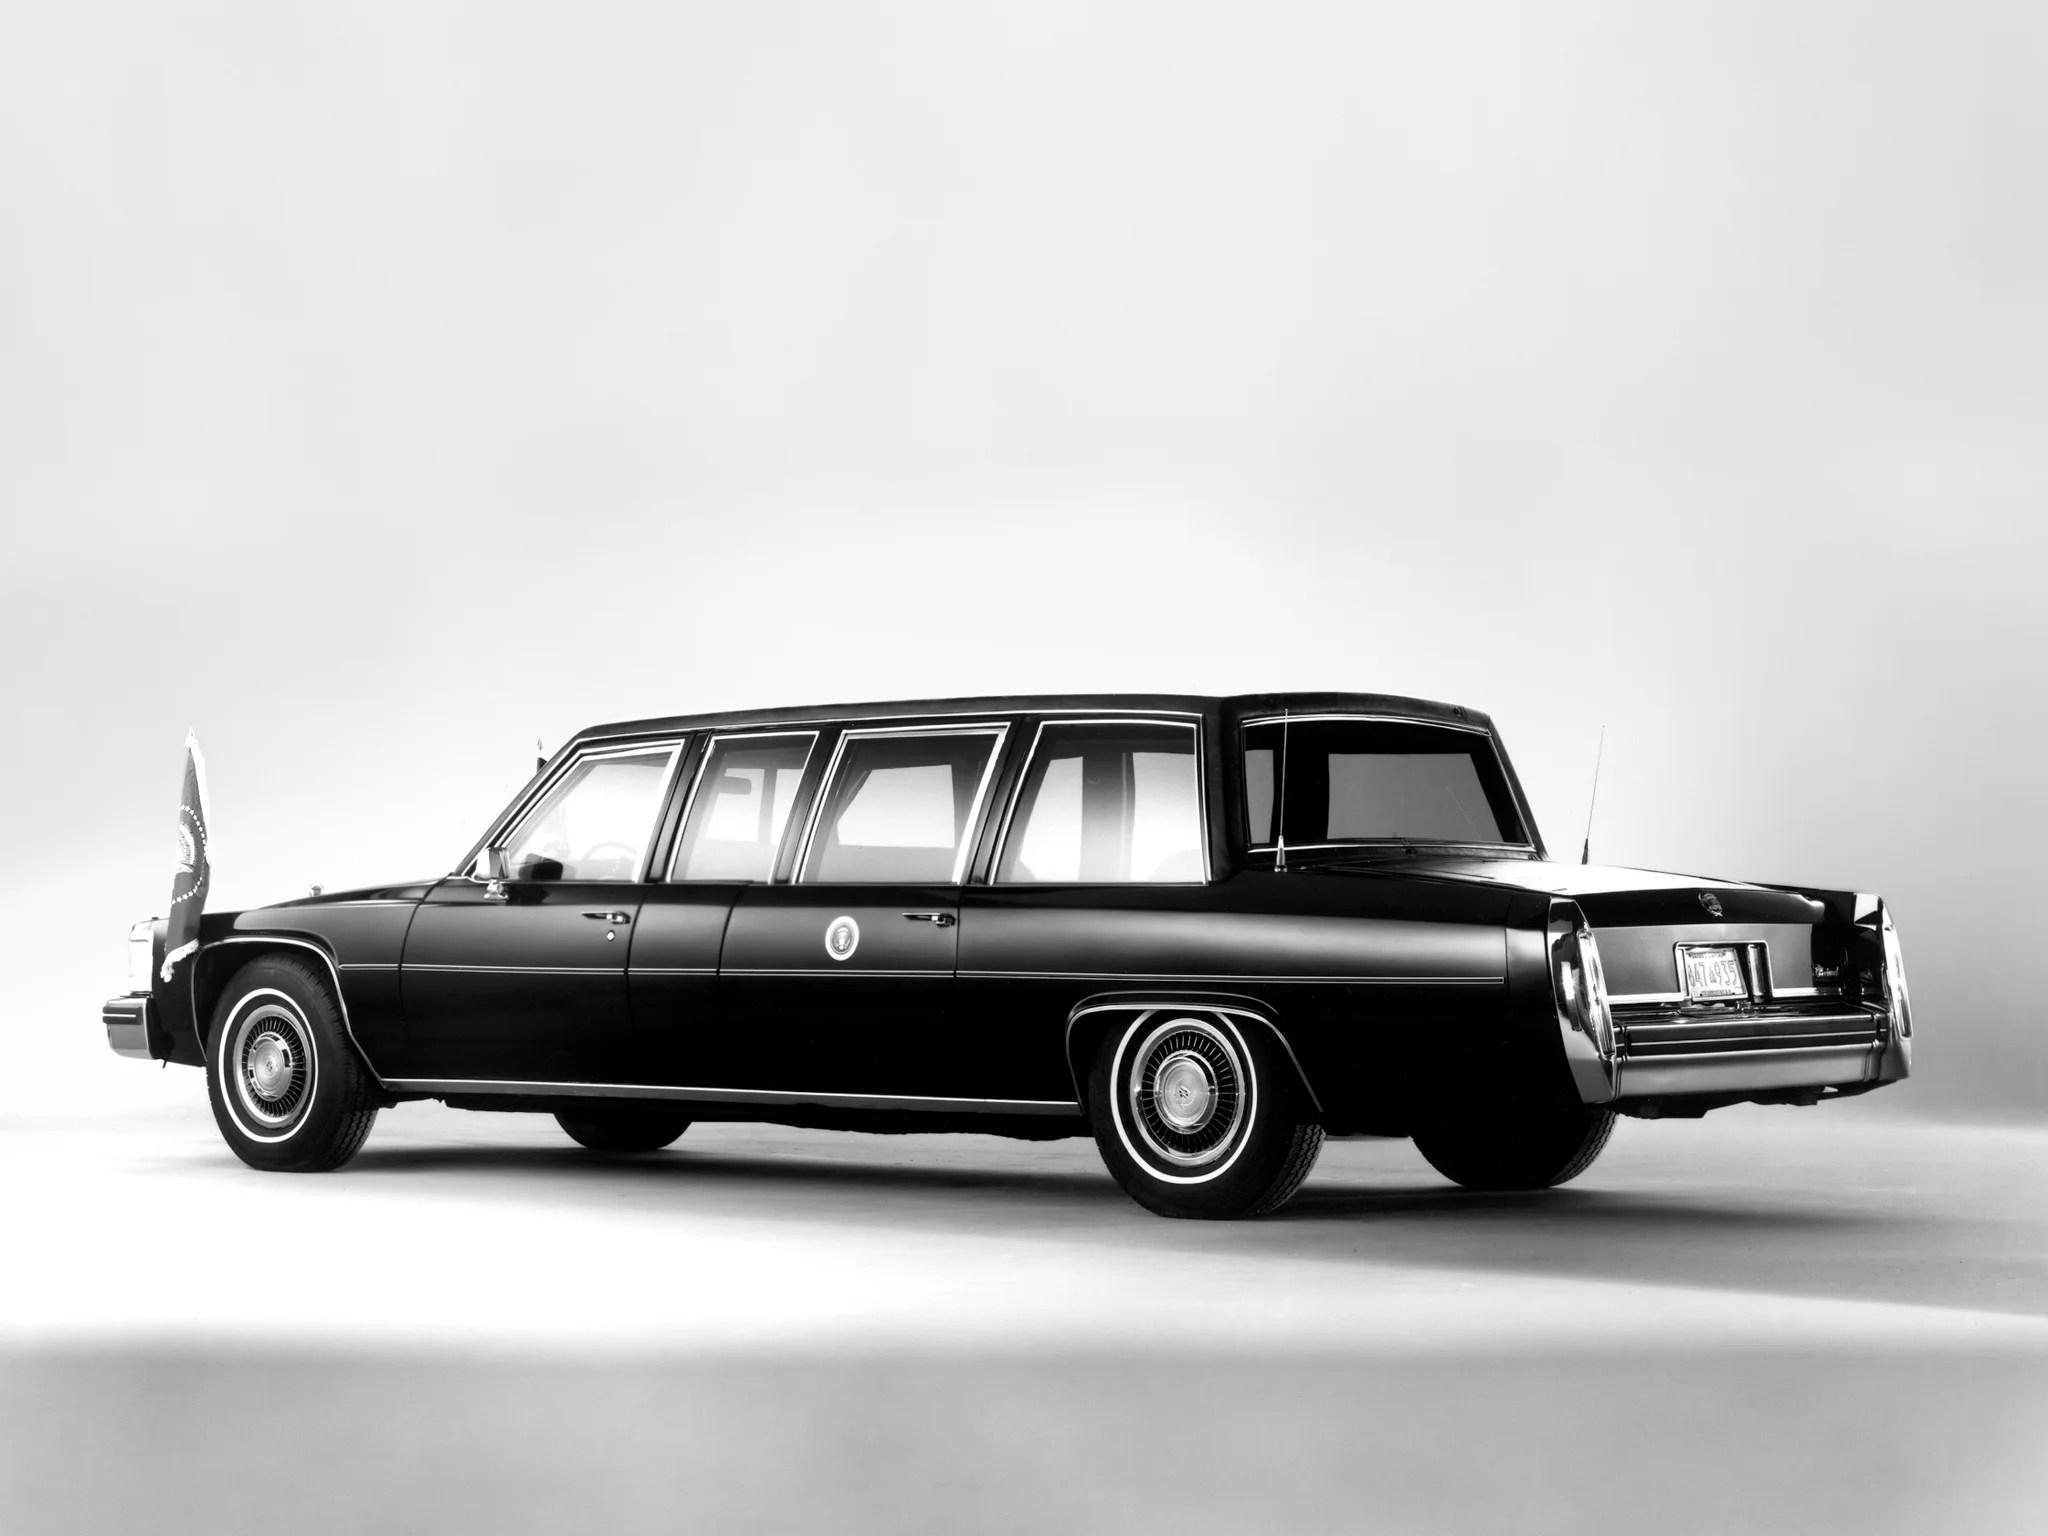 Cadillac Fleetwood Présidential Limousine 1983